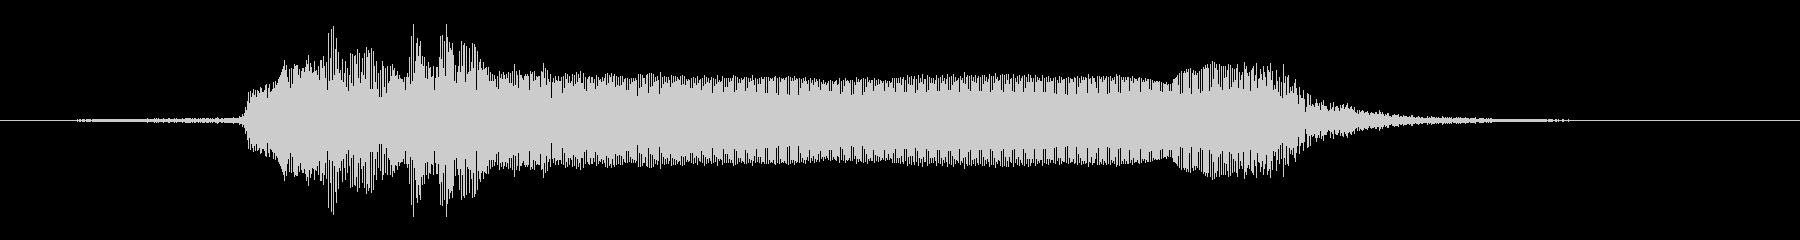 コミカルトゥートの未再生の波形